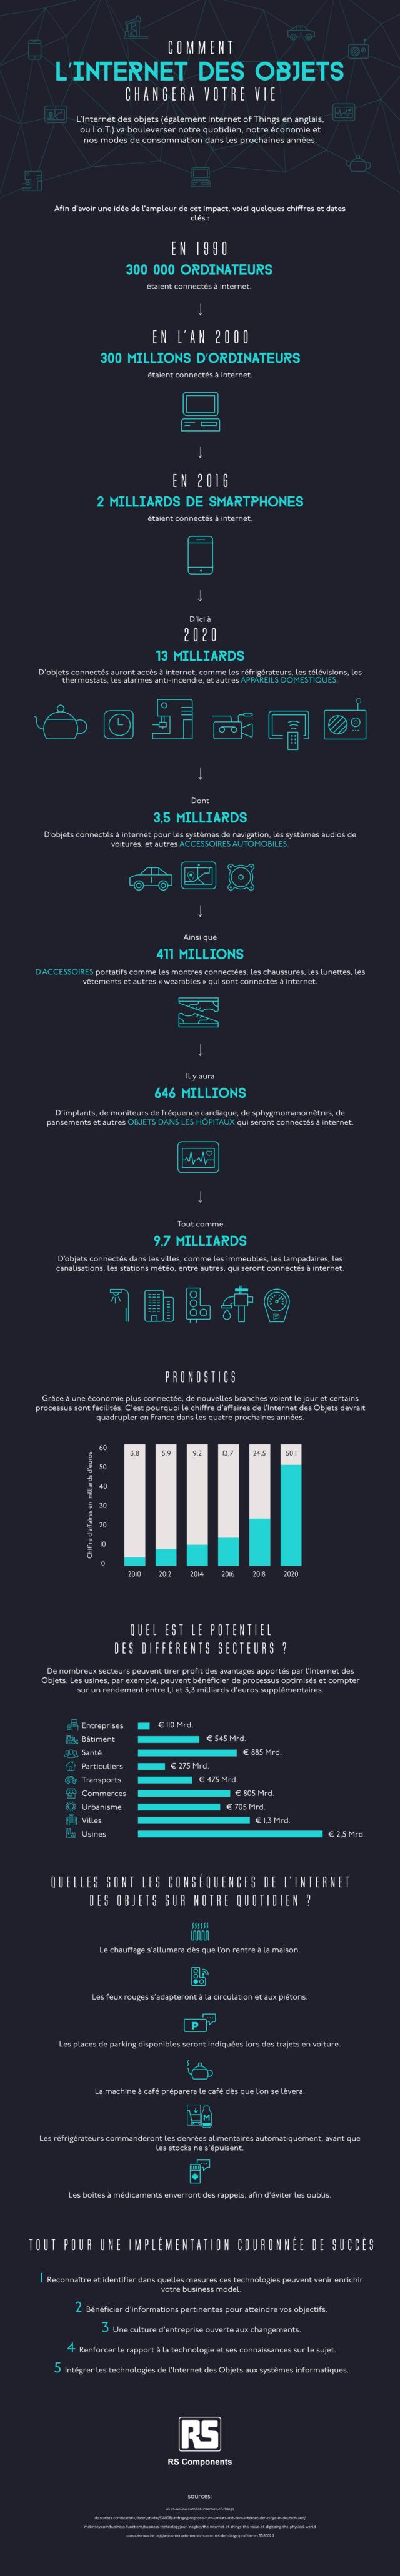 Internet des objets : Influence dans la vie en infographie